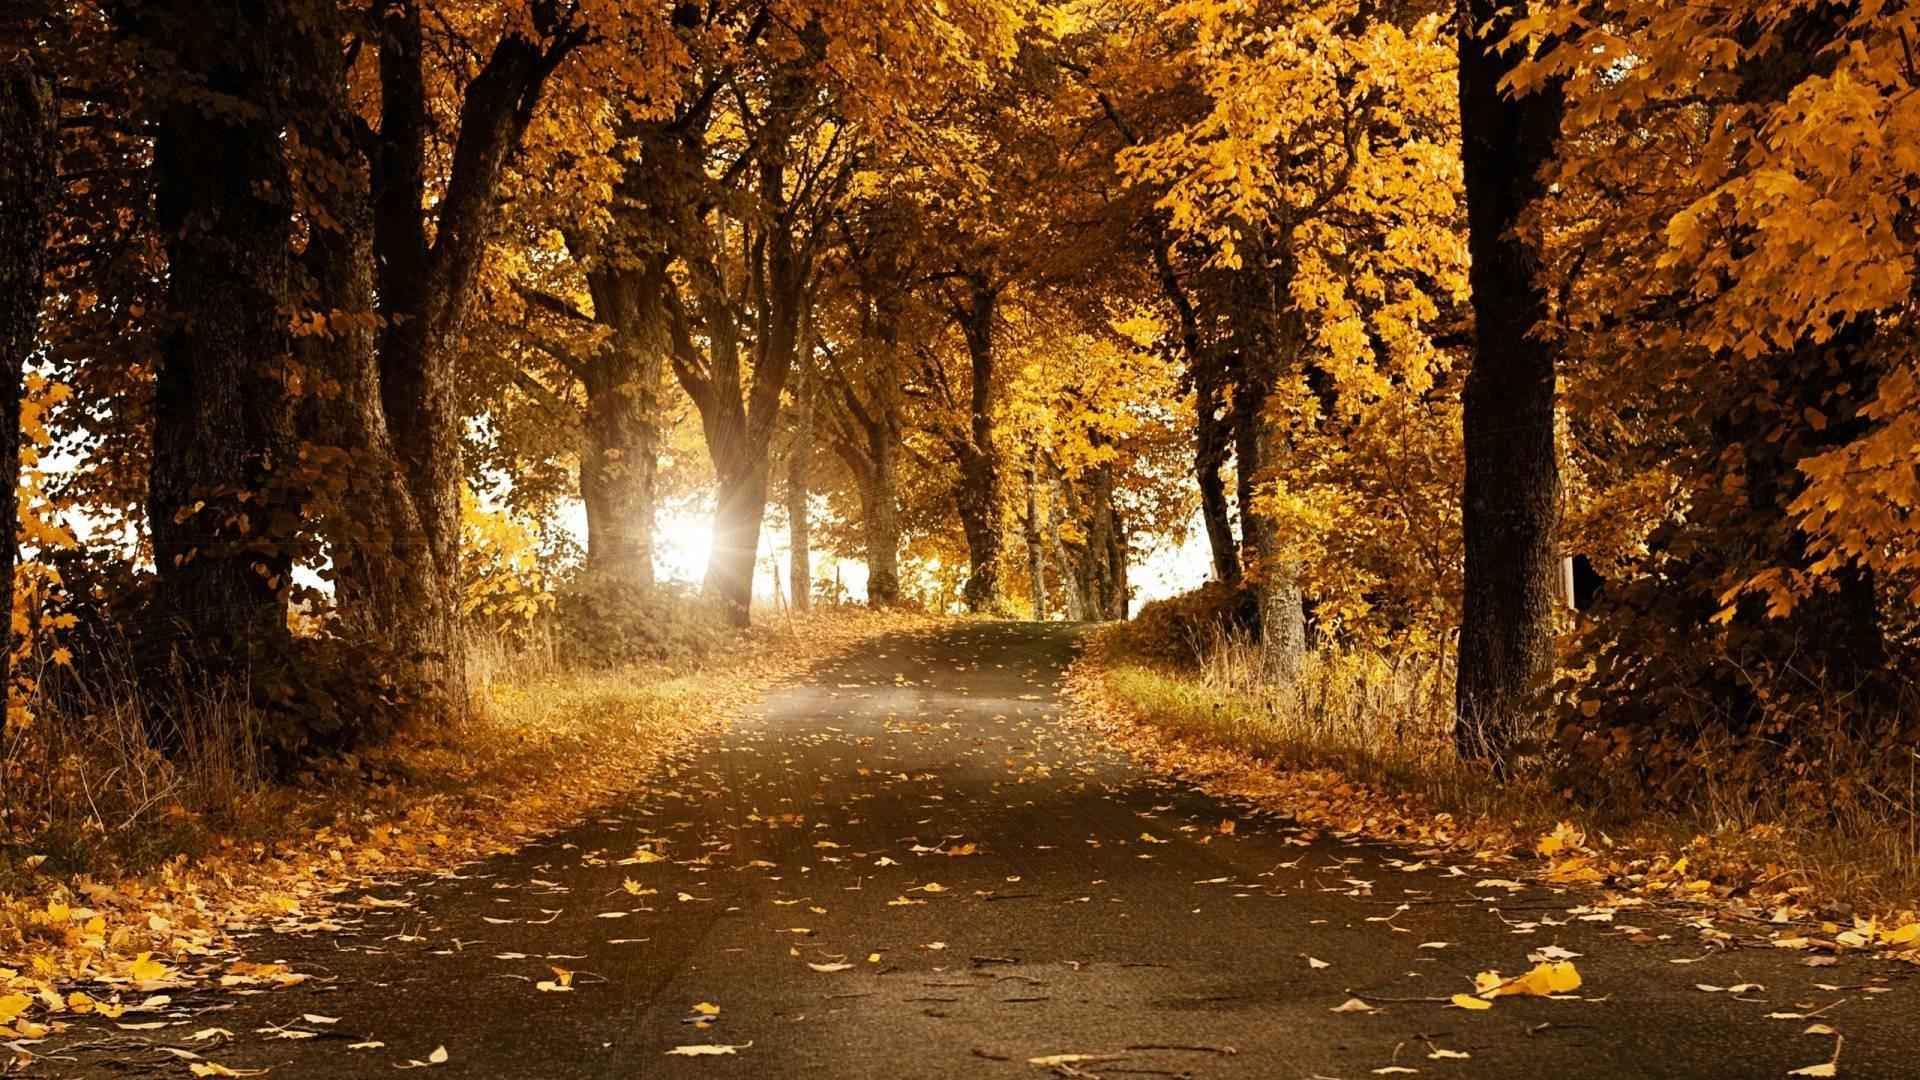 Autumn HD Wallpaper 1920×1080